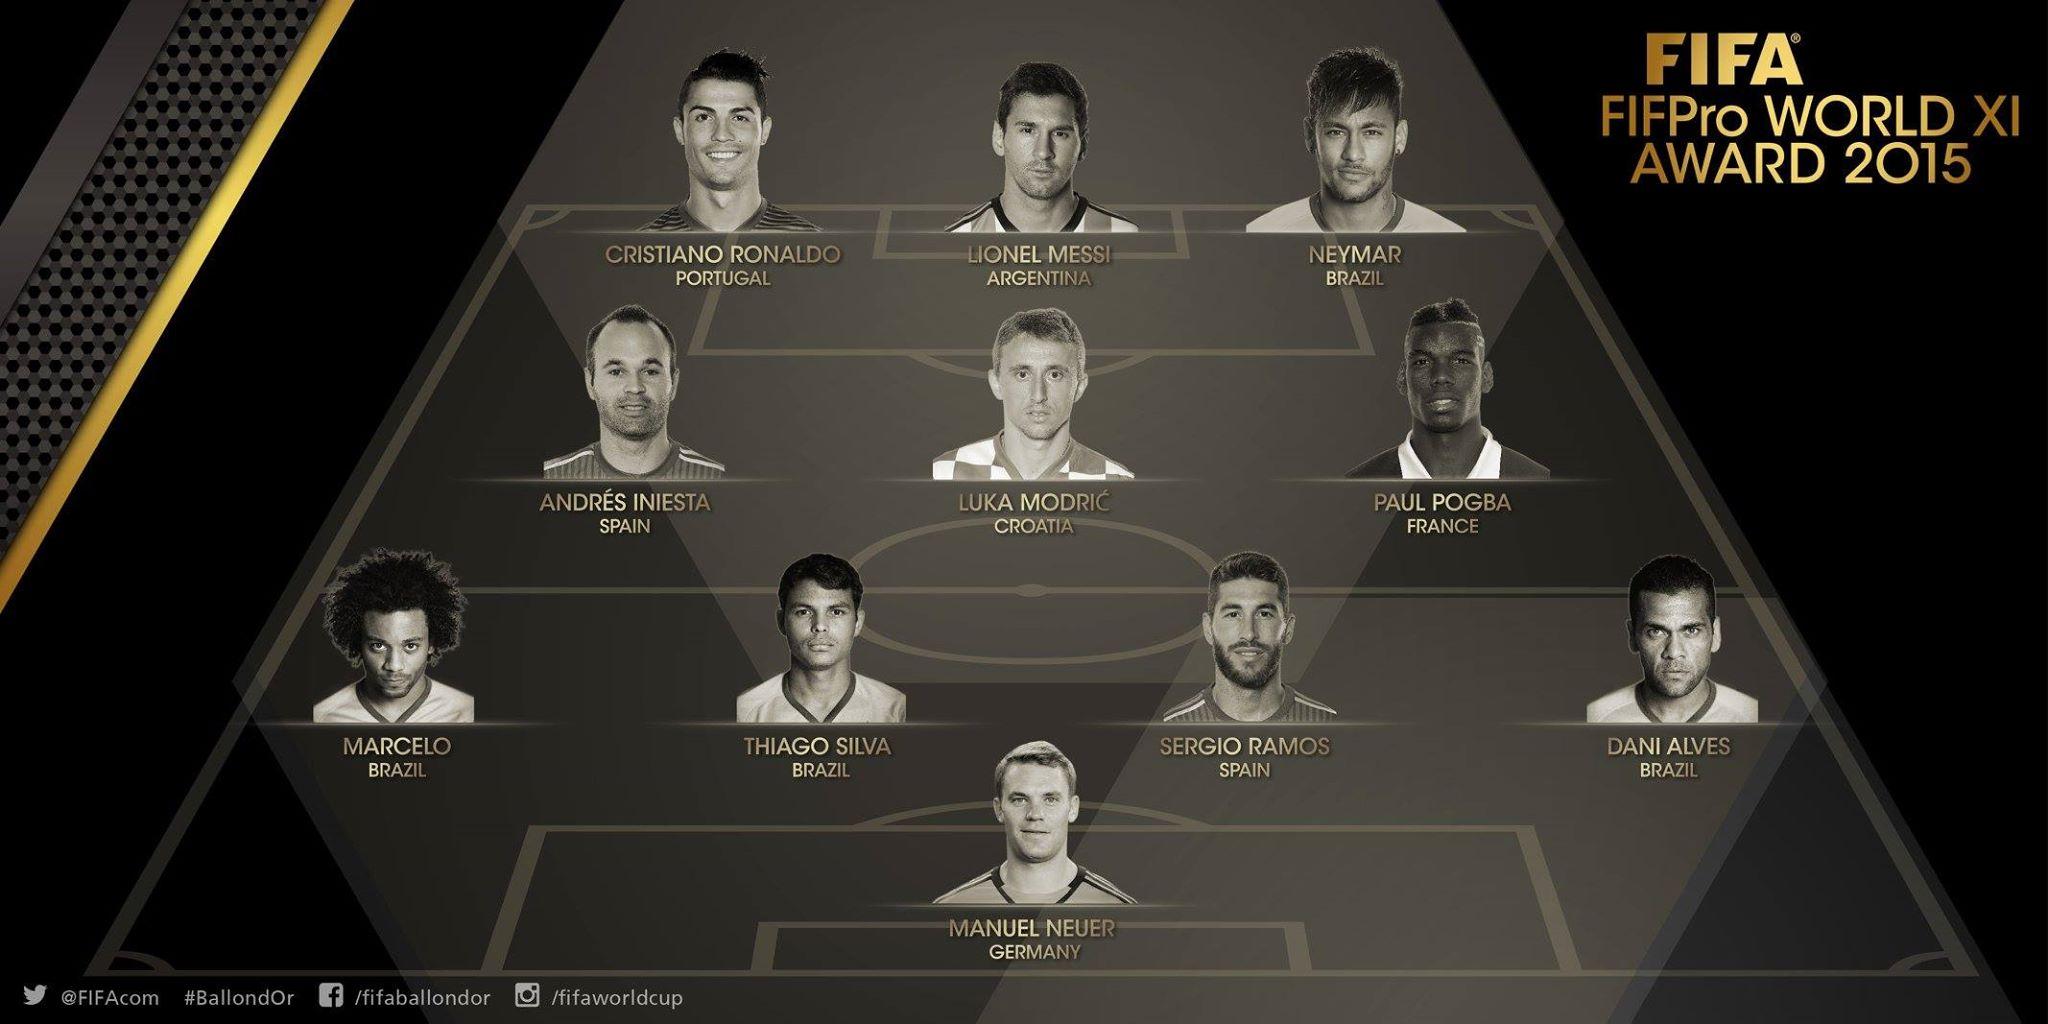 გასული წლის საუკეთესო გუნდი, რომელიც მსოფლიოს სხვადასხვა ქვეყნის ჩემპიონატებში მოთამაშე პროფესიონალმა ფეხბურთელებმა აირჩიეს.